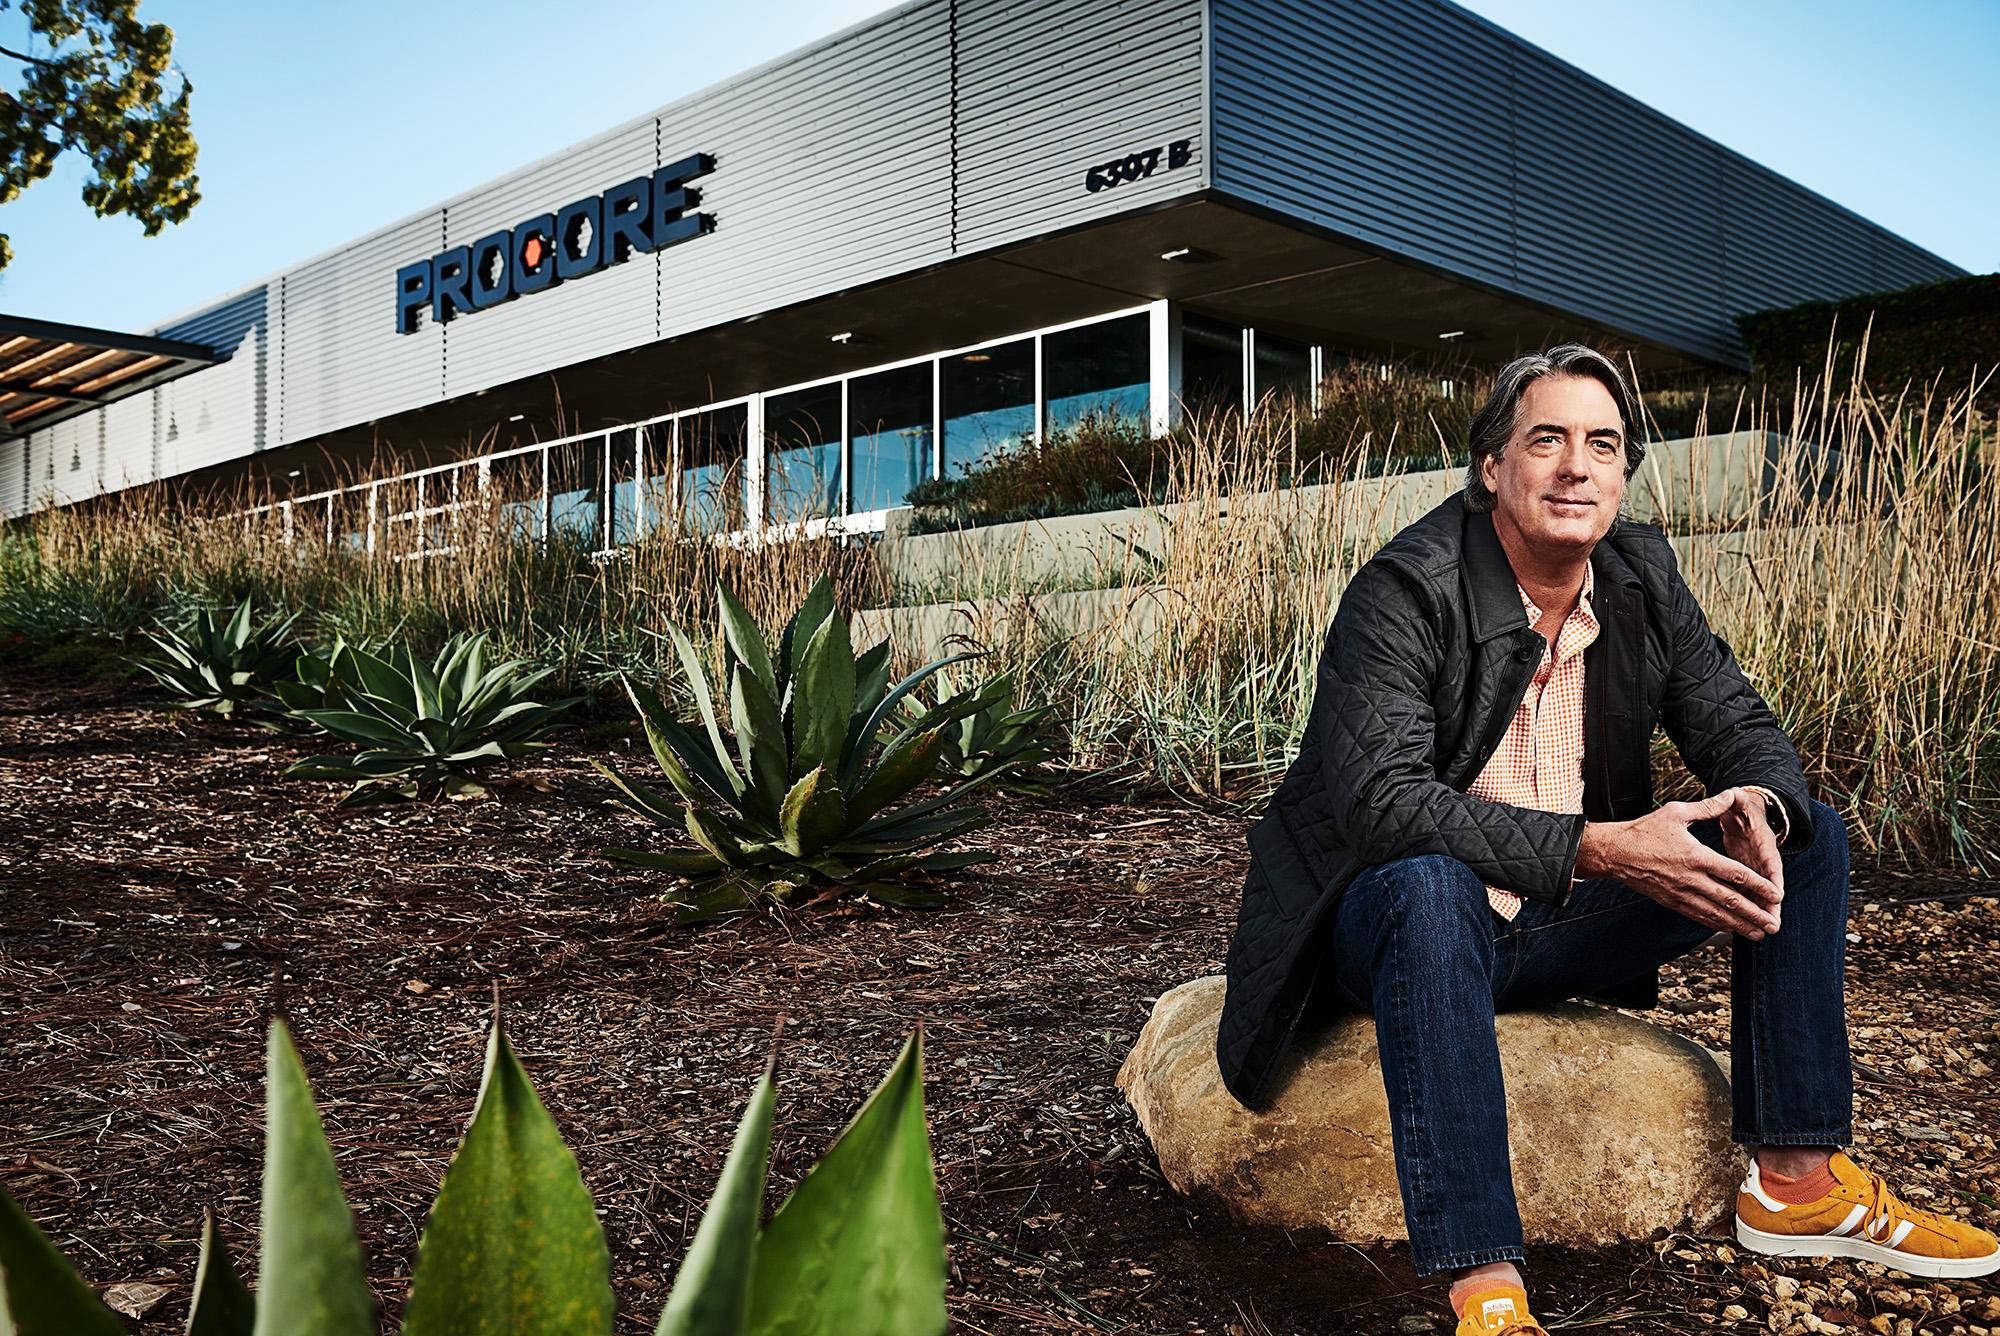 Construction management software developer Procore raises $75 million at a $3 billion valuation